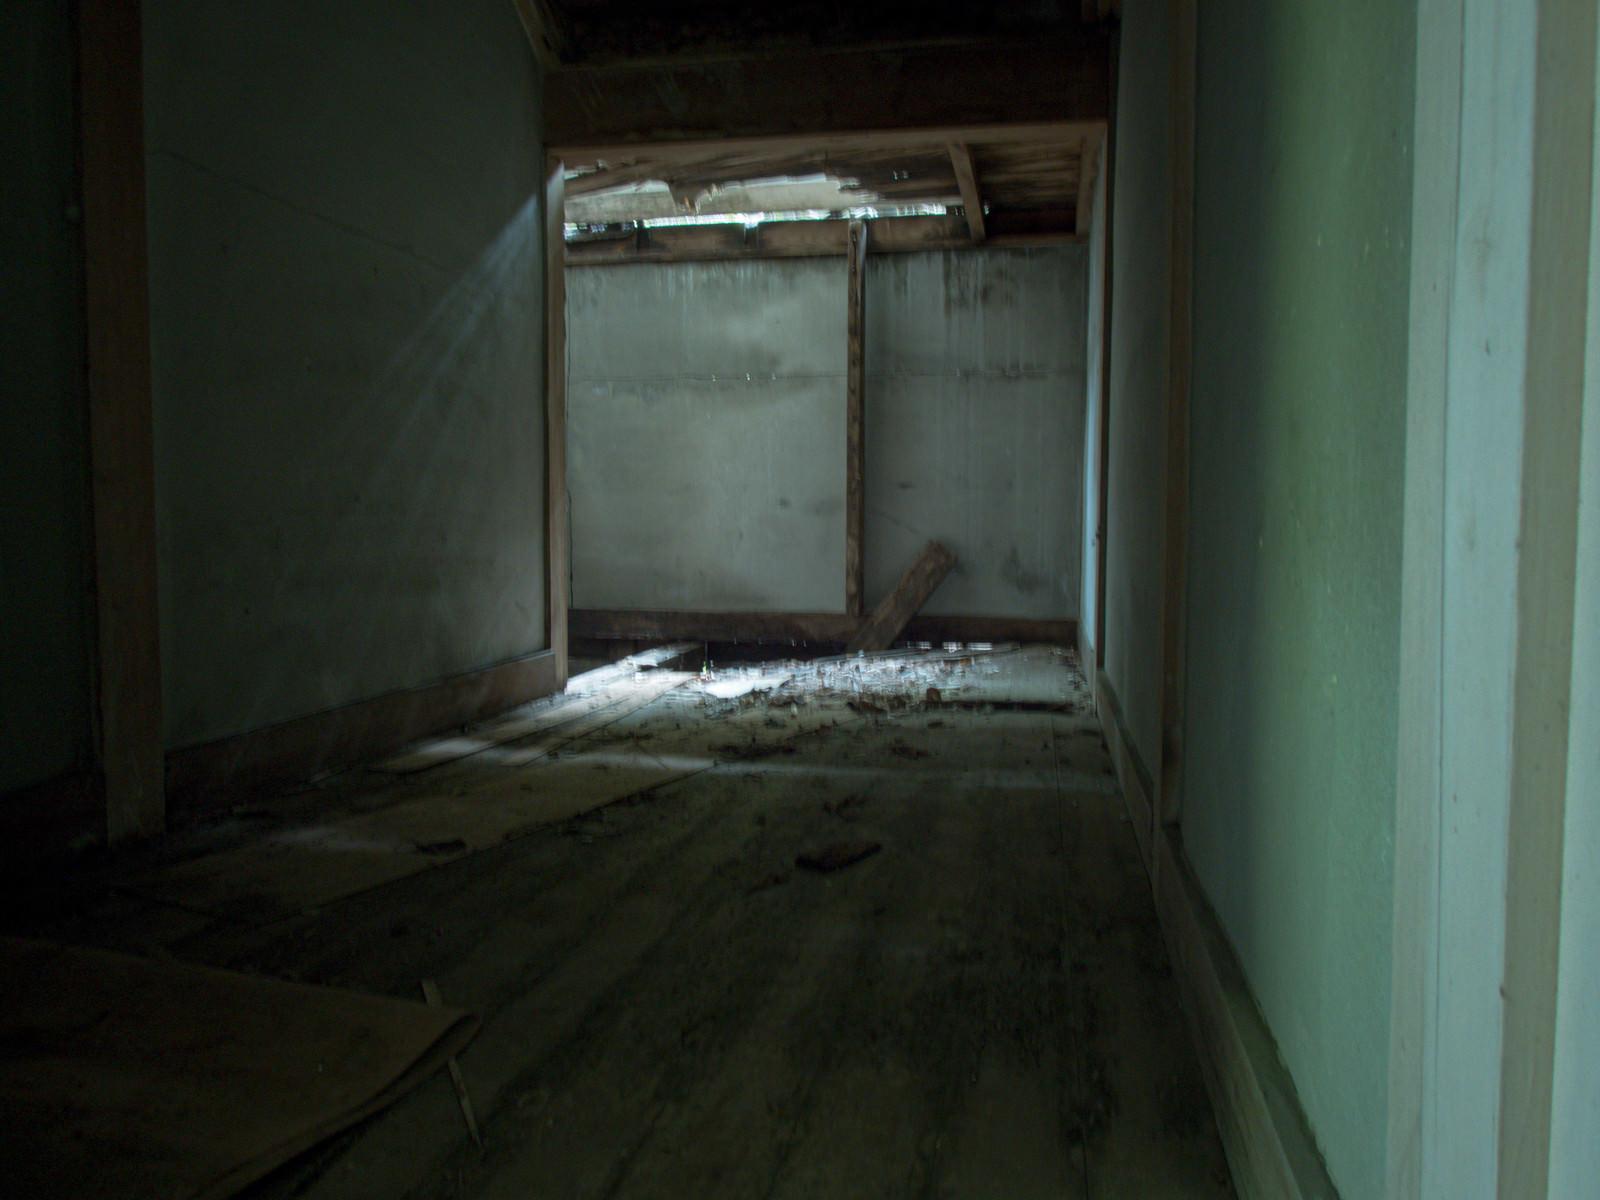 「突き抜けた天井から差し込む光」の写真